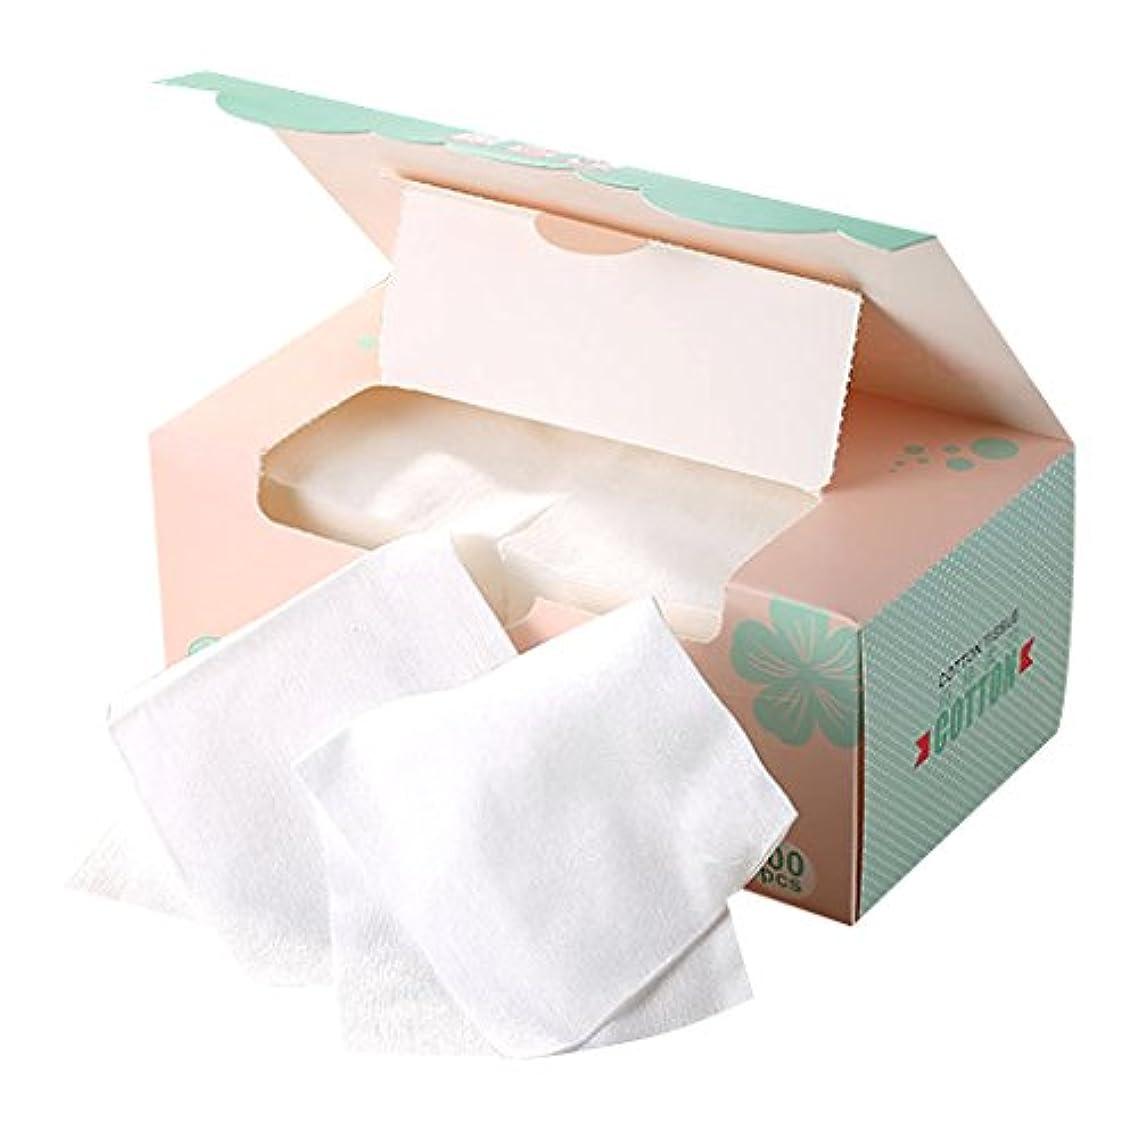 病気の販売計画ローズKesoto 顔用タオル 使い捨て フェイスタオル メイクリムーバー